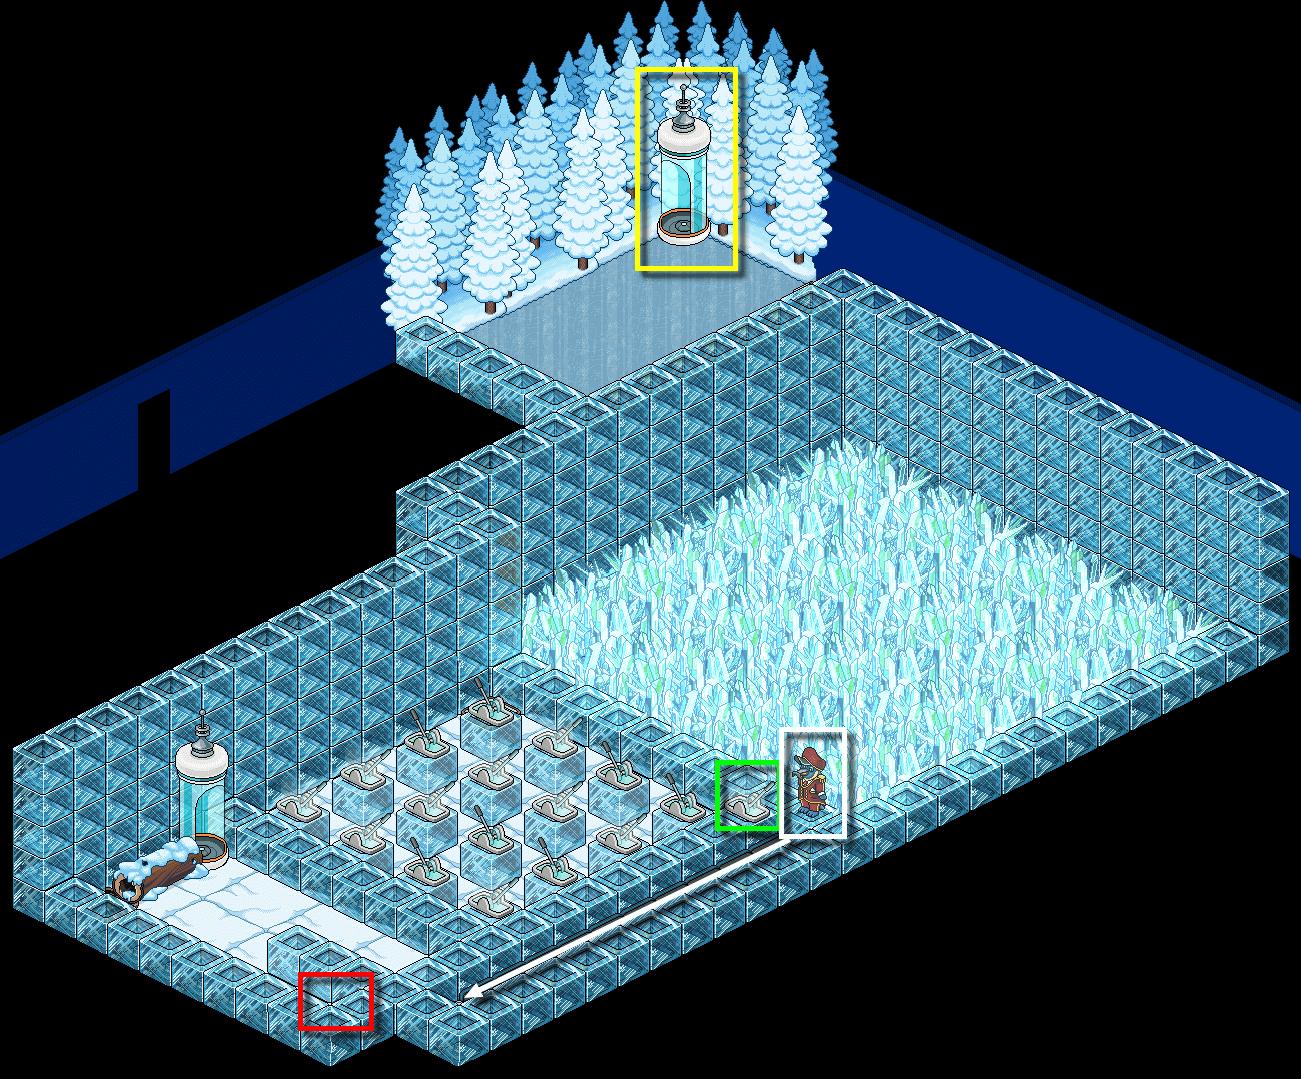 [Aventure] La magie des cristaux